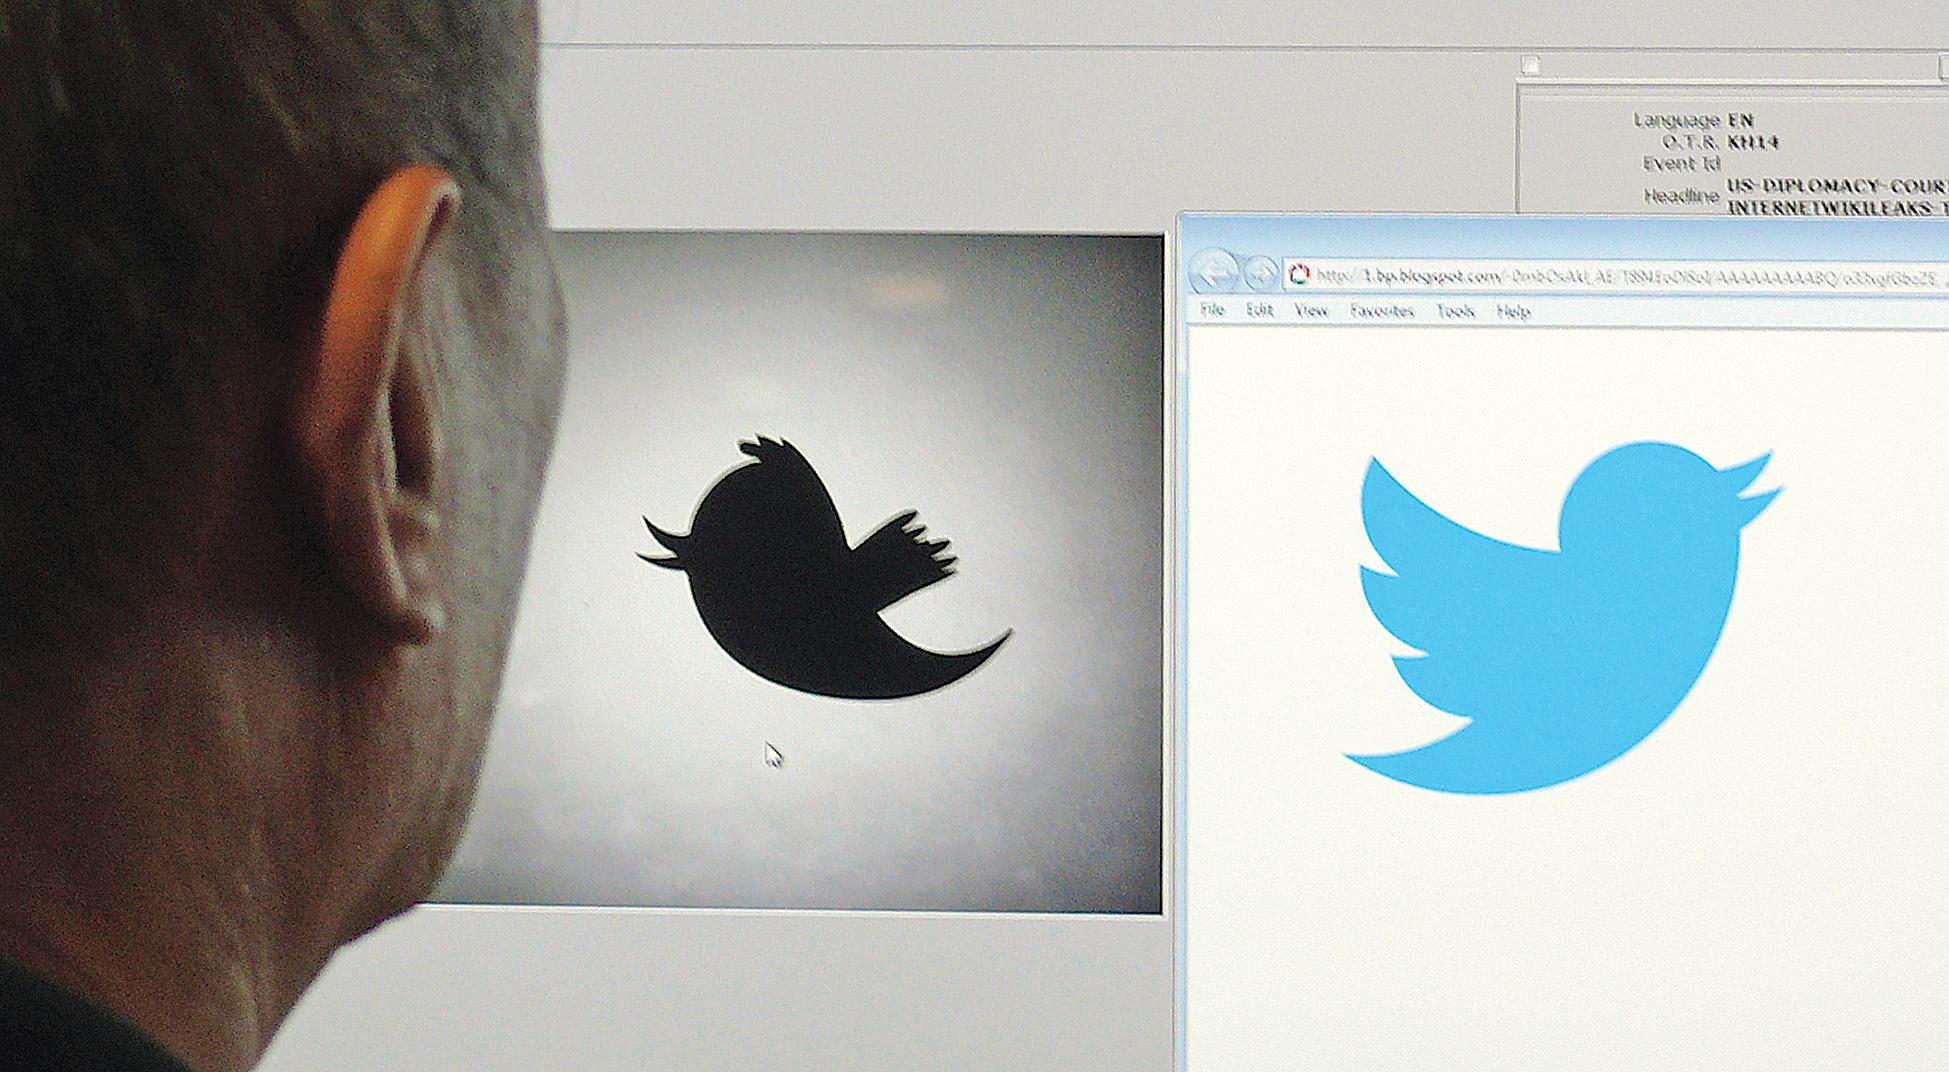 社交媒體推特(Twitter)成為中共外交官在海外爭取輿論的新戰場。忌諱直言的中共外交官看似突然反轉,用推特跟西方民眾更直接、更積極對話,但實際上並非對話,而是宣傳中共觀點。(AFP PHOTO / Douglas E. CURRAN)